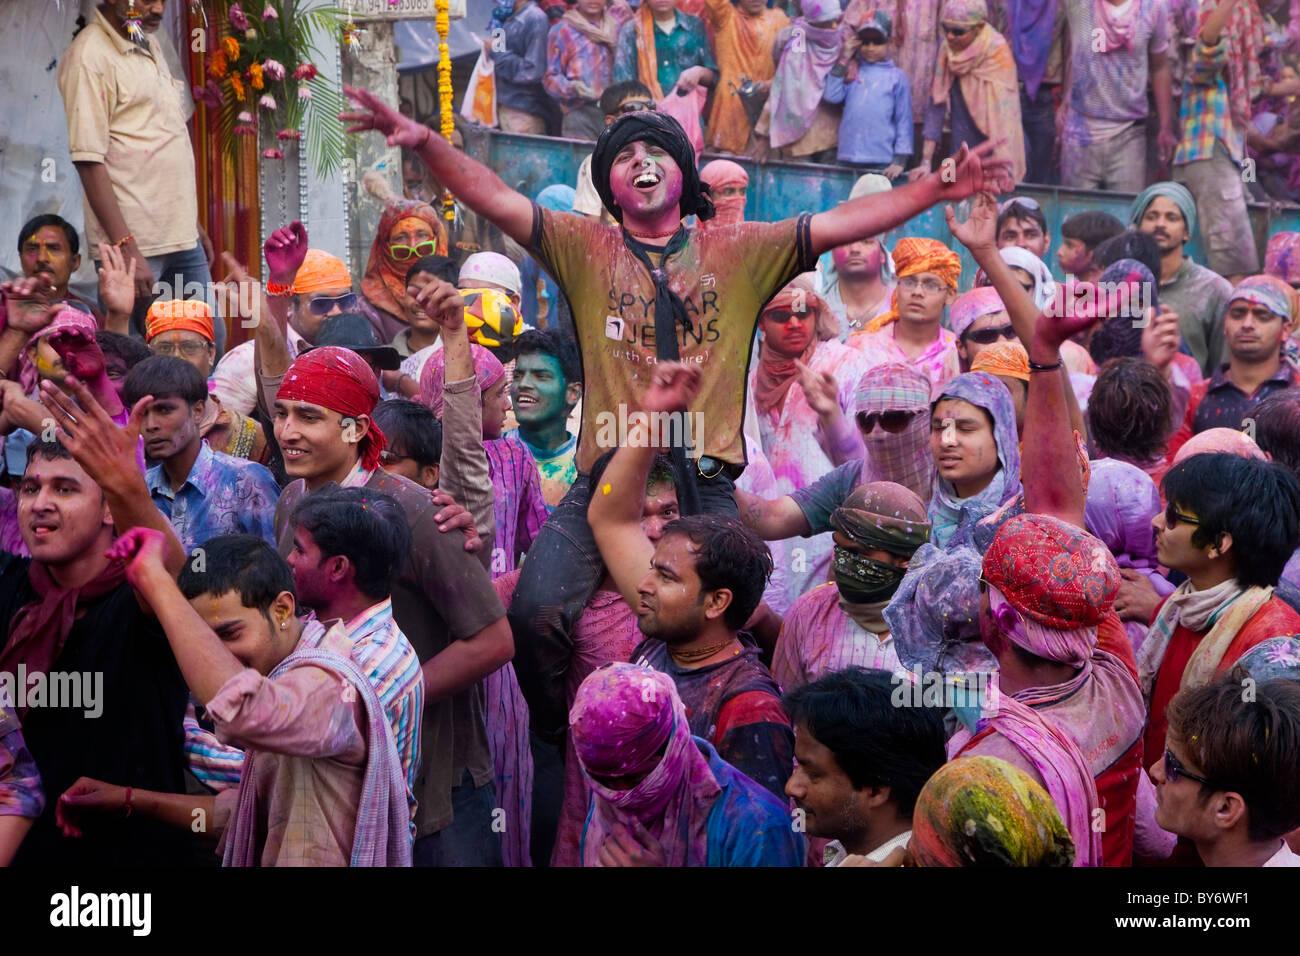 Celebration of Holi Festival, Mathura, Uttar Pradesh, India - Stock Image